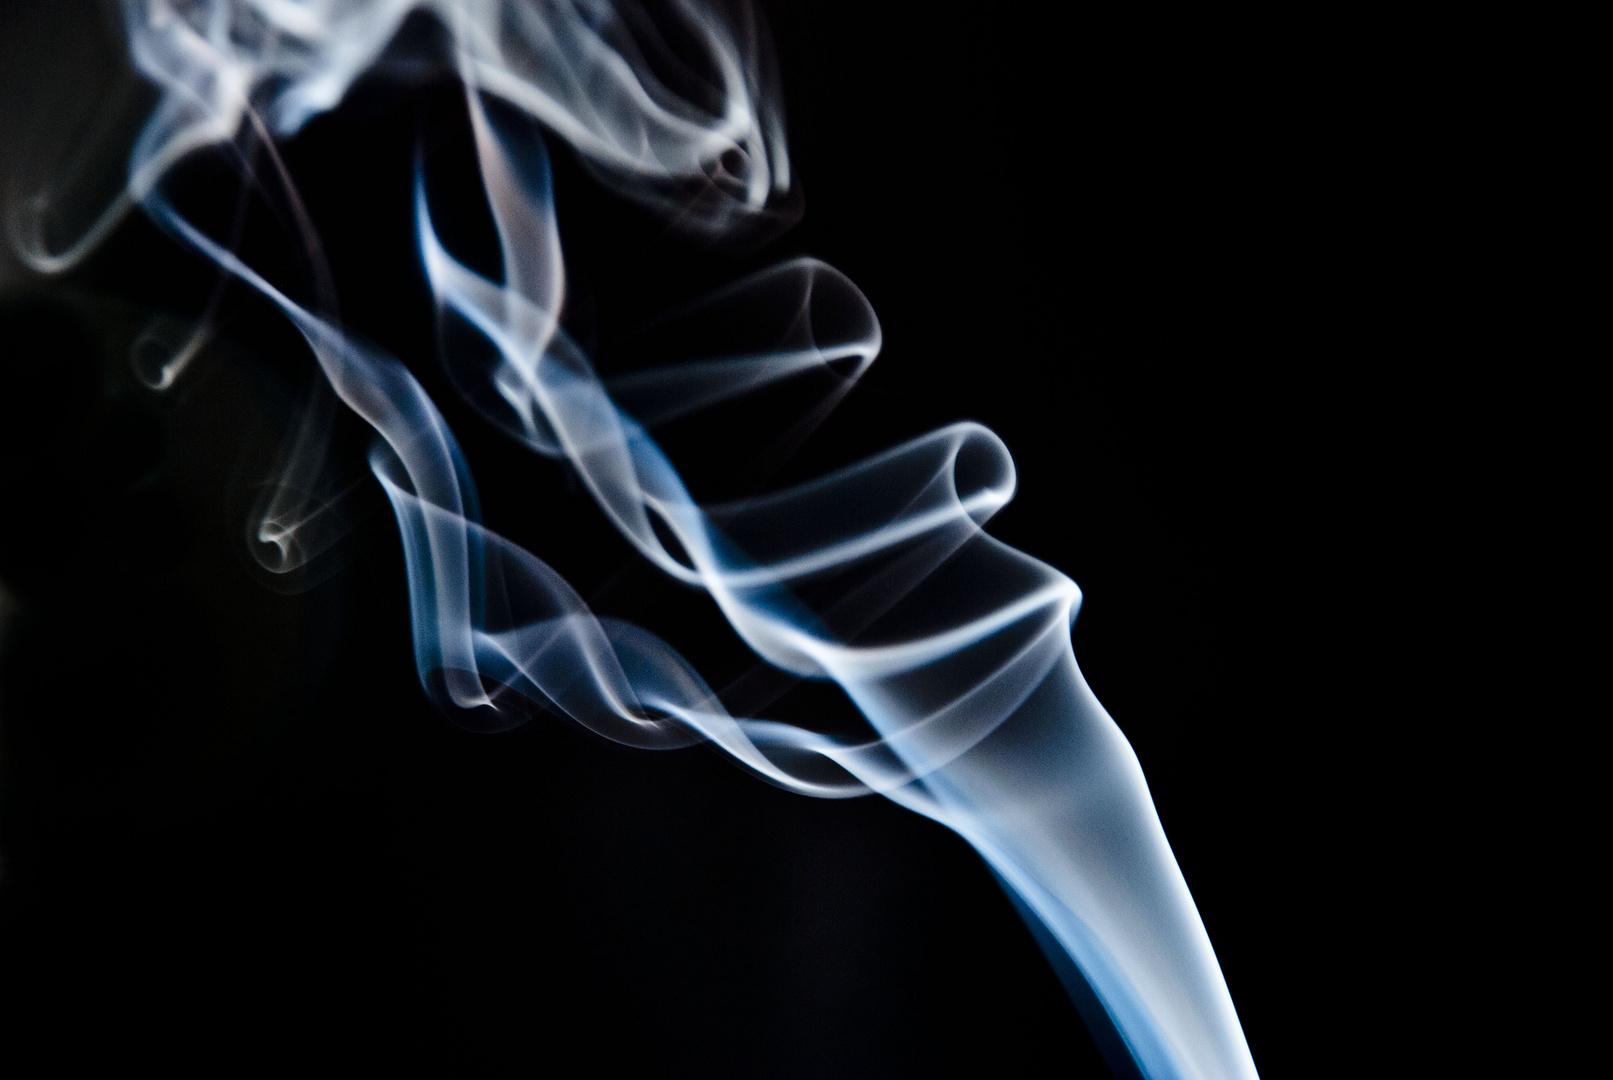 He vuelto a fumar ...